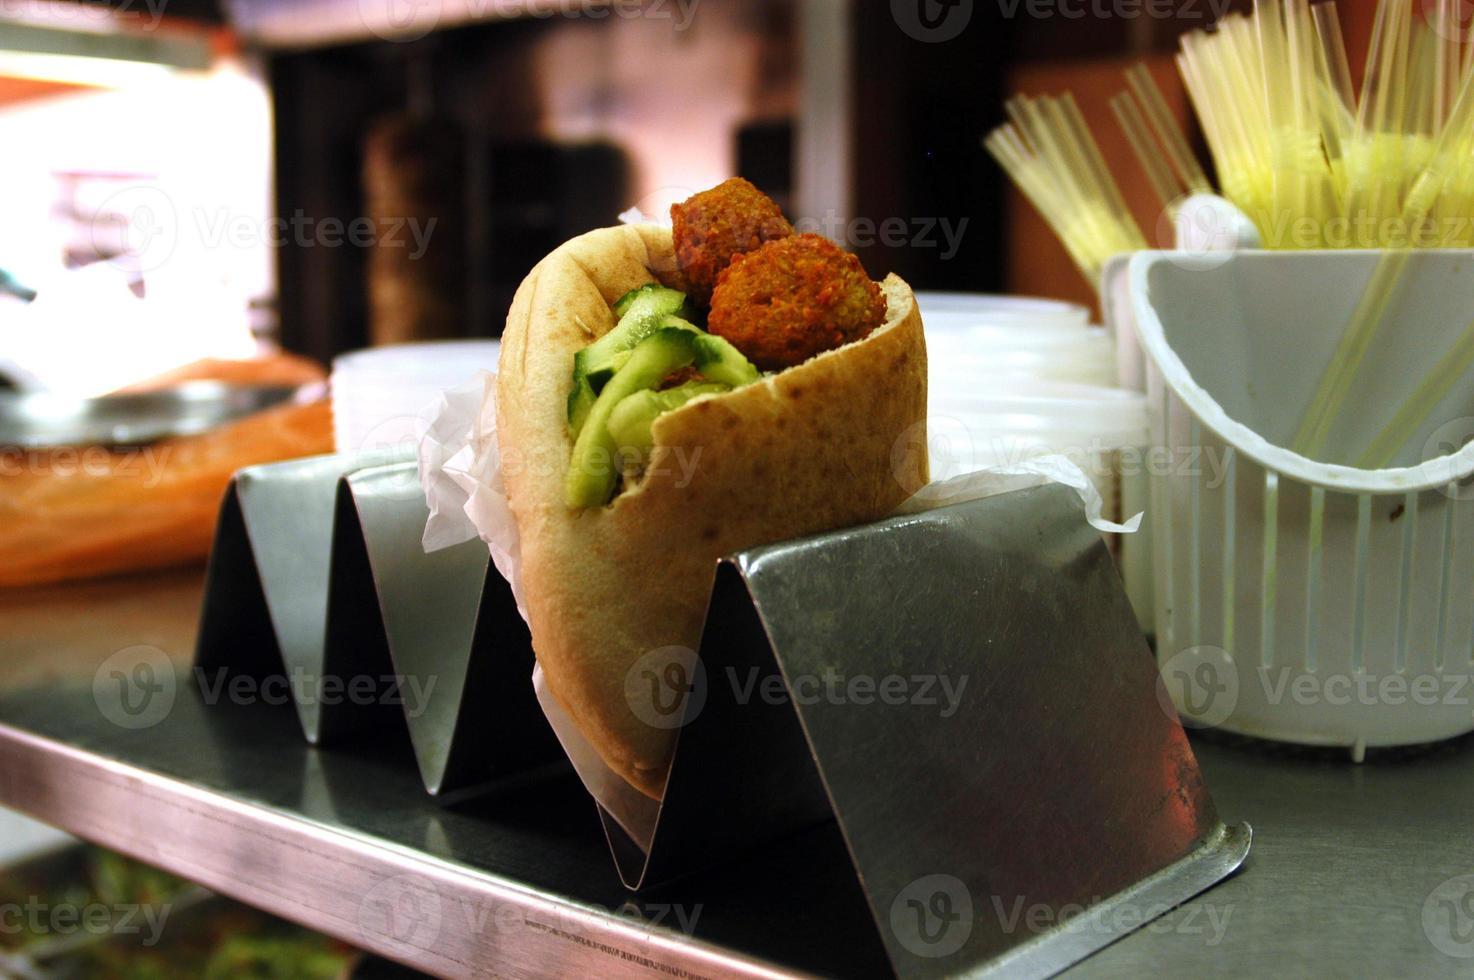 comida y cocina - falafel foto